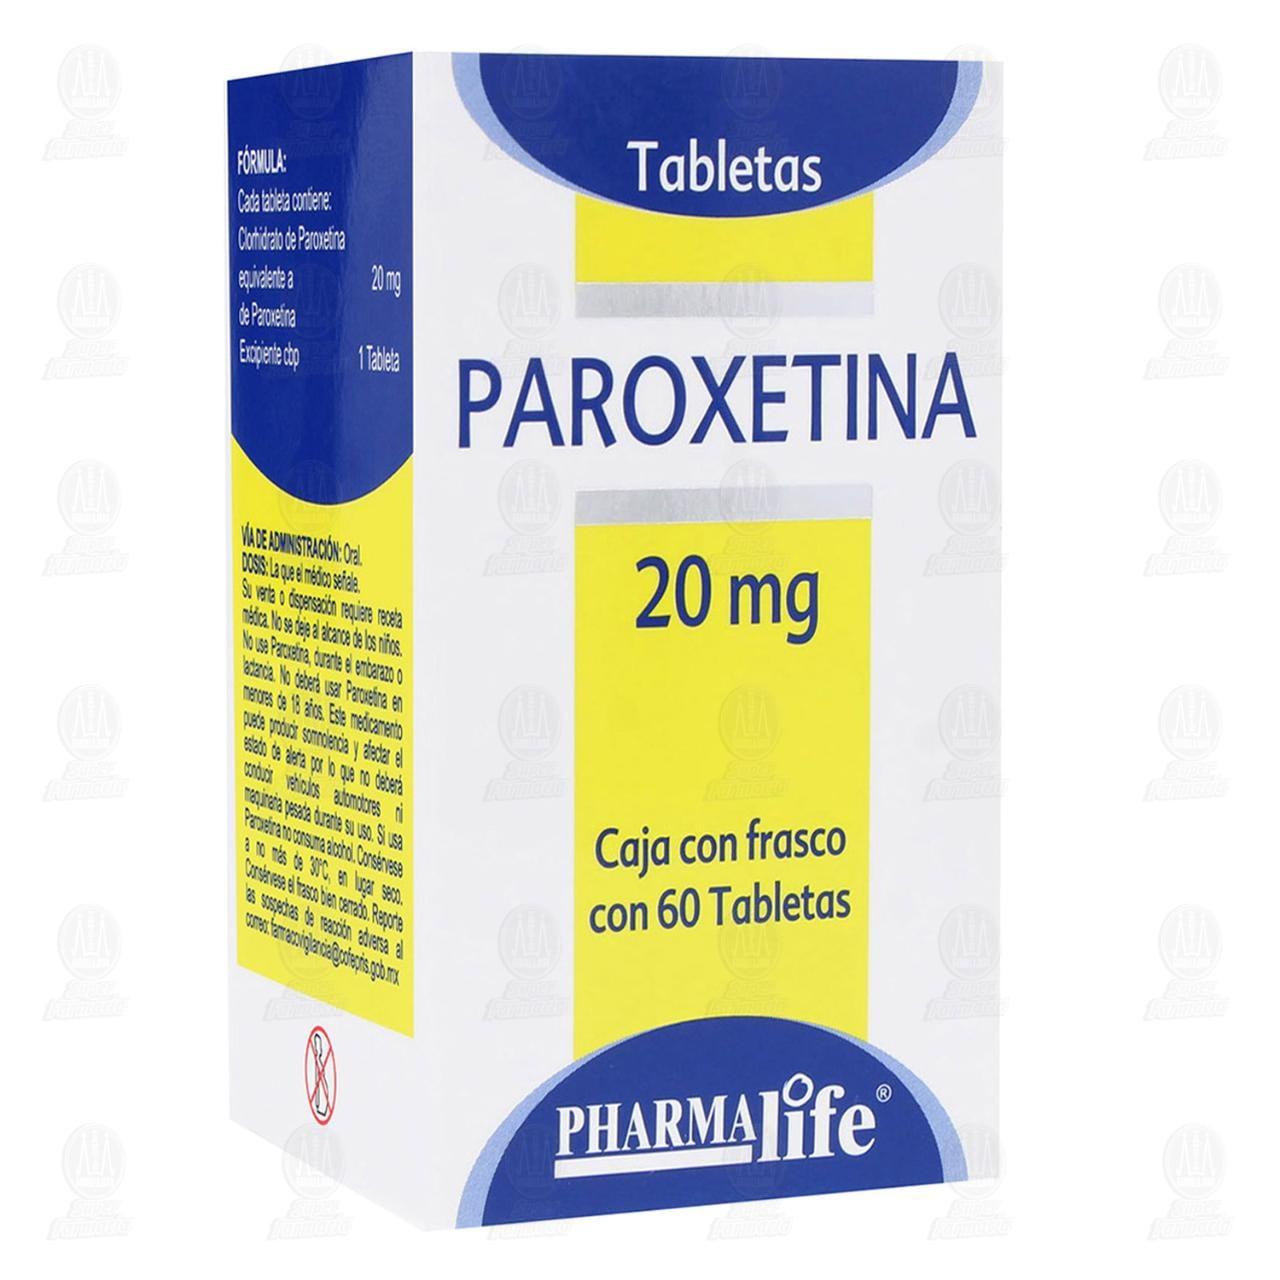 Paroxetina 20mg 60 Tabletas Pharmalife